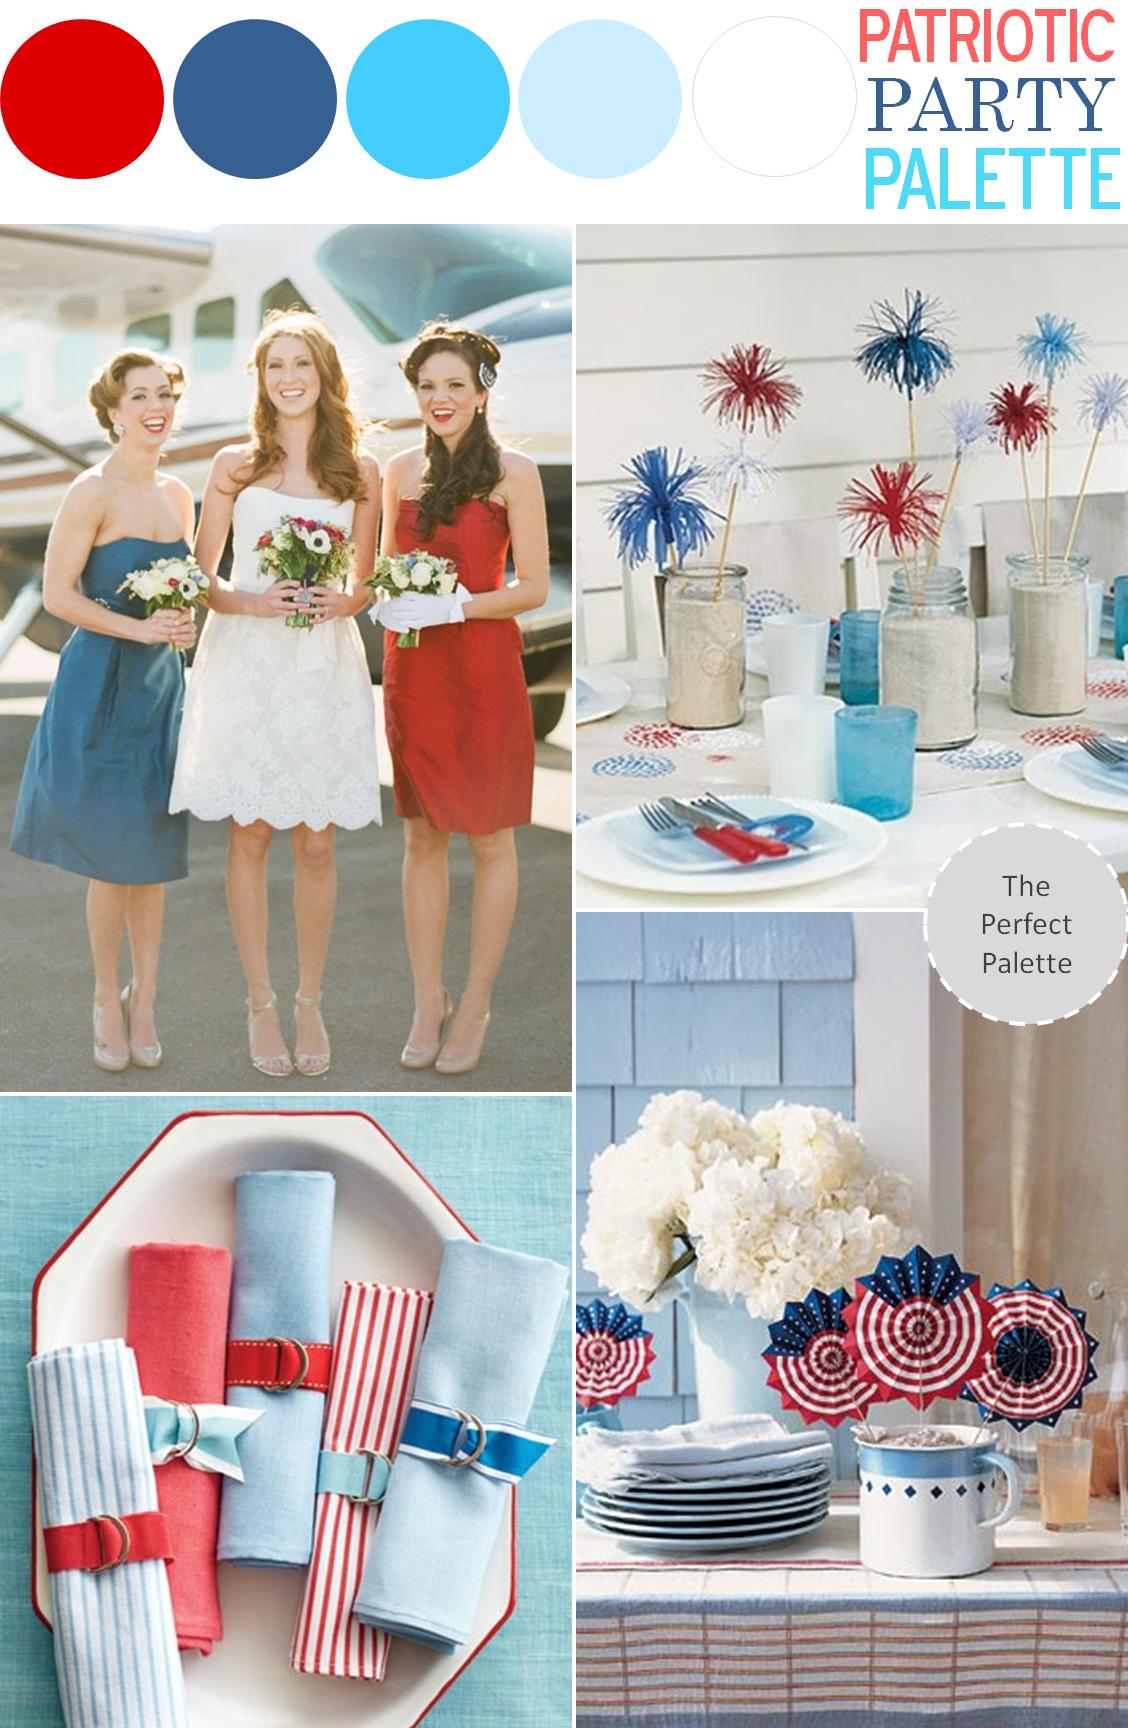 Patriotic Party Palette Patriotic party, Wedding colors